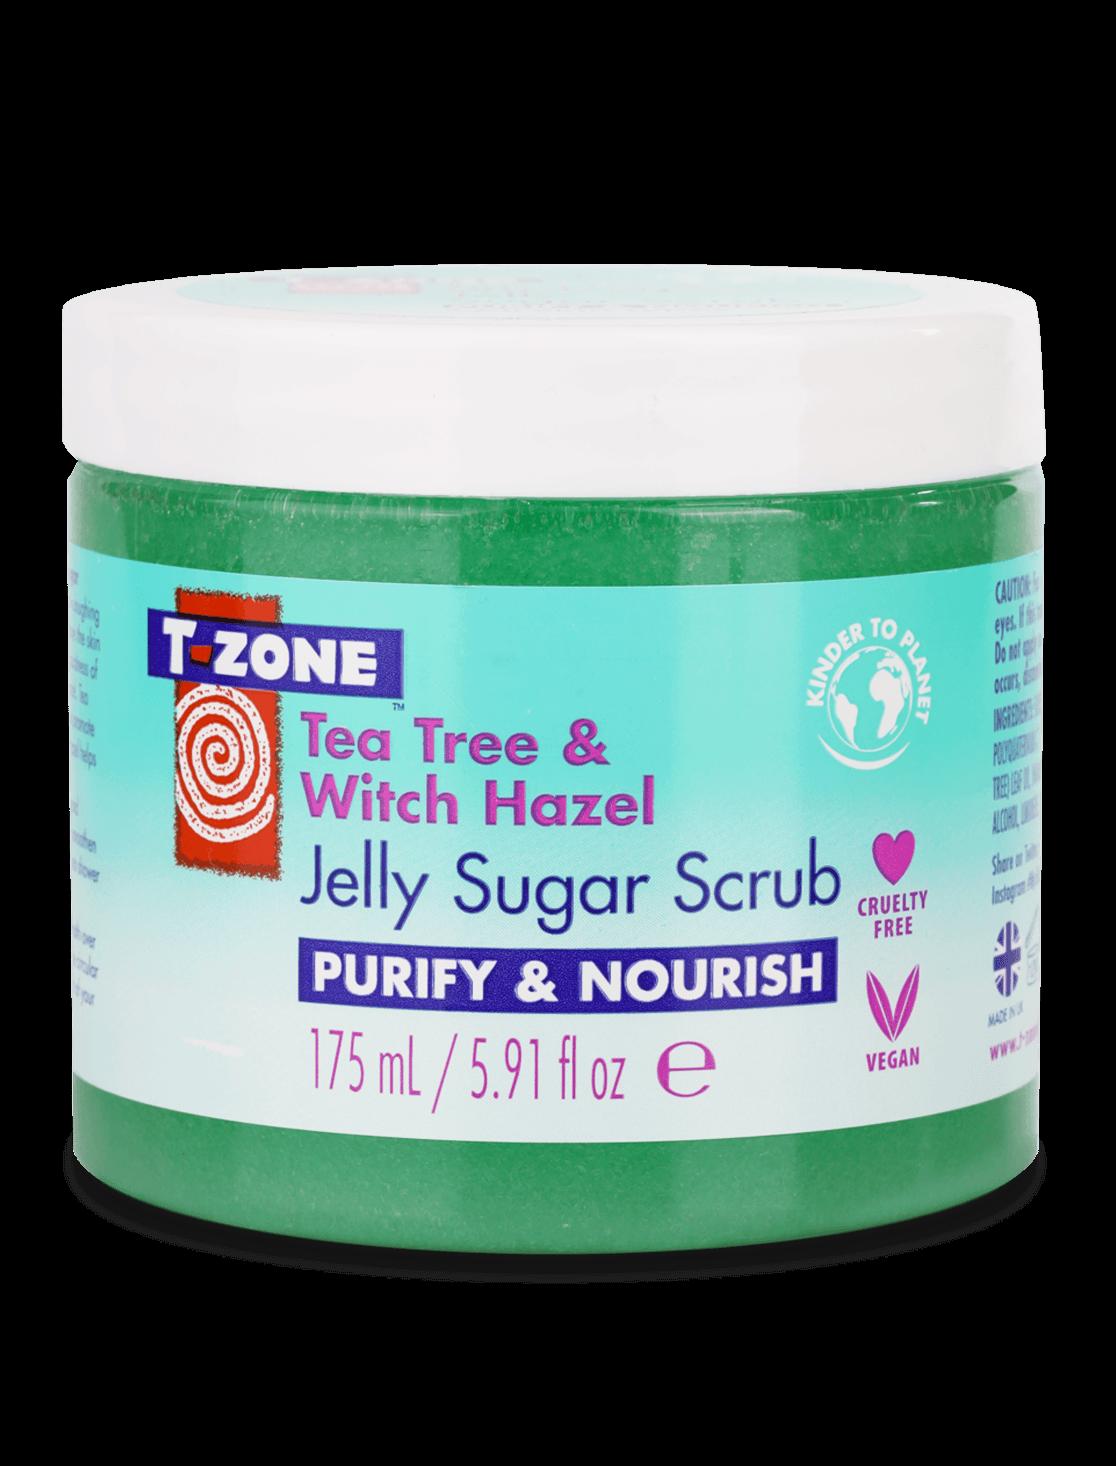 jelly sugar scrub